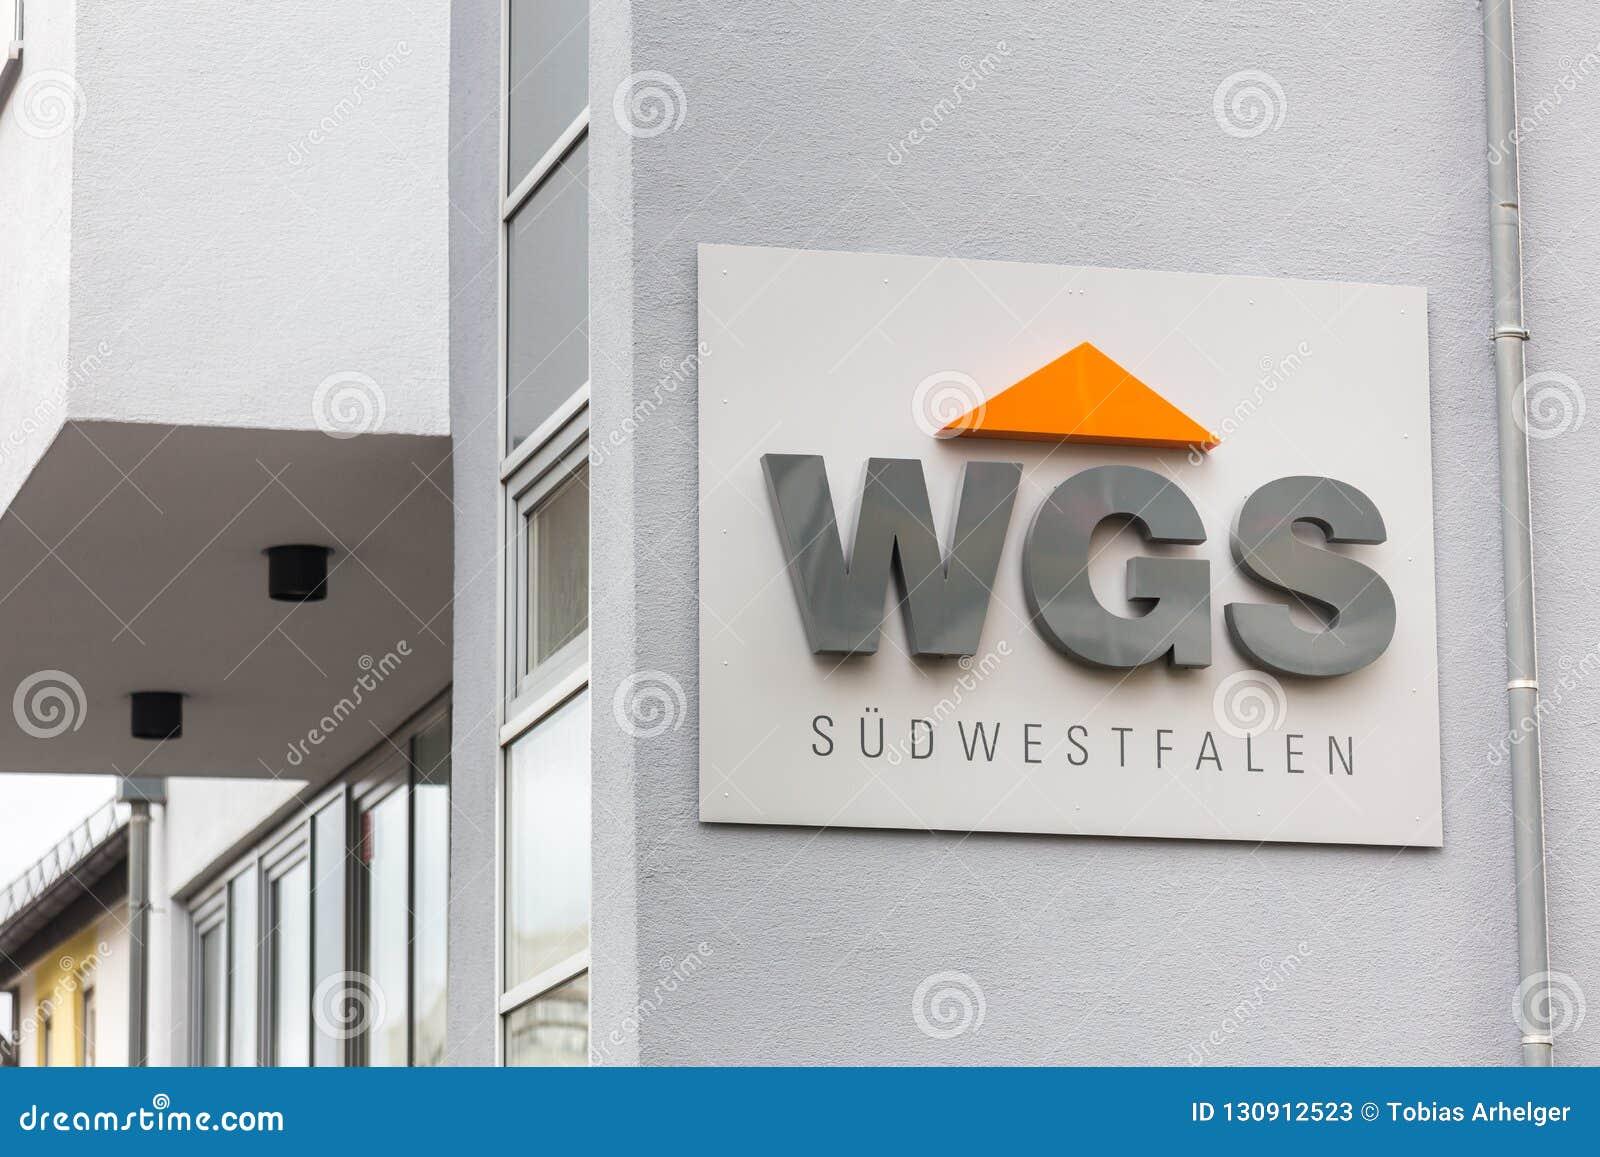 Siegen, Noordrijn-Westfalen/Duitsland - 28 10 18: wgs teken in siegen Duitsland